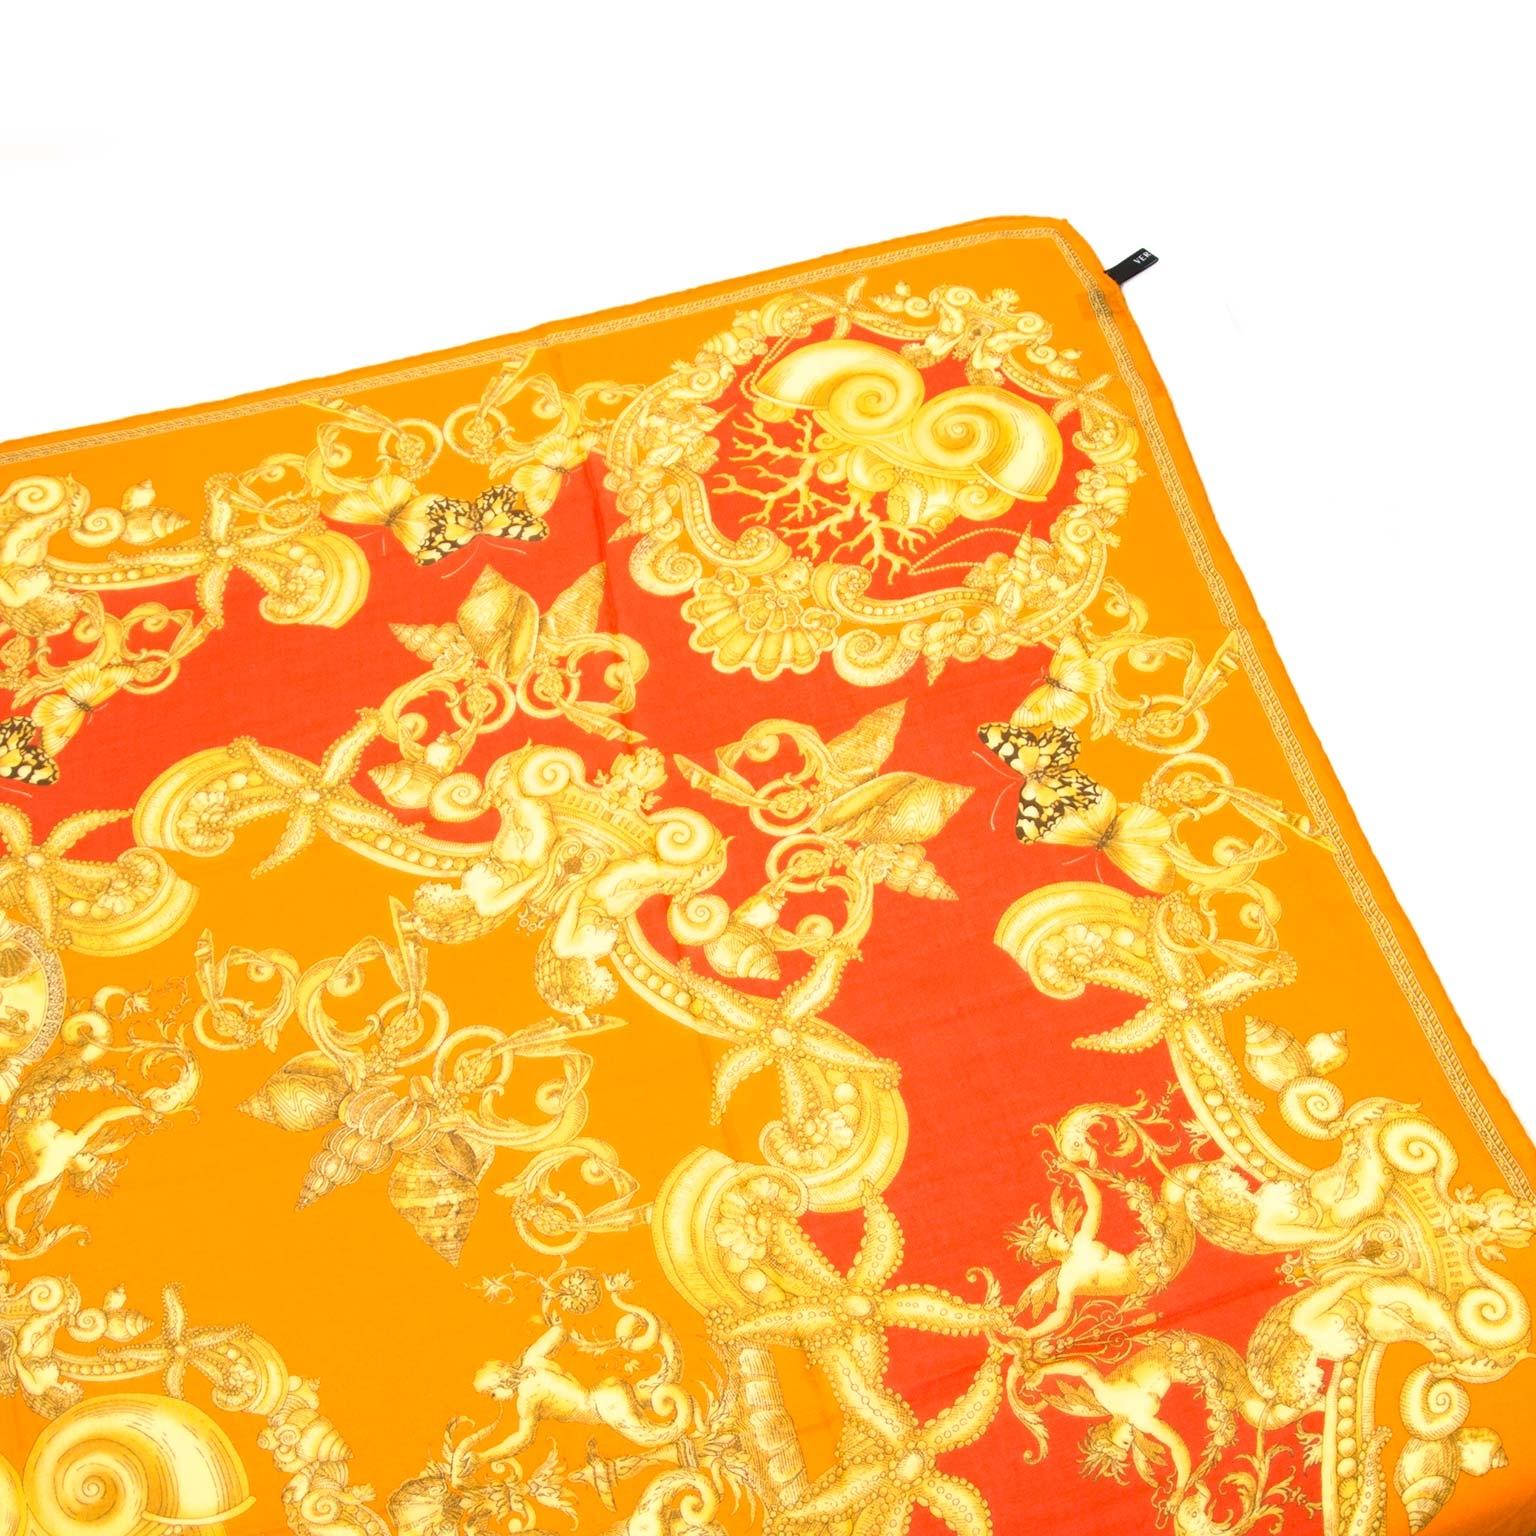 Koop authentieke versace sjaals bij labellov vintage mode webshop belgië